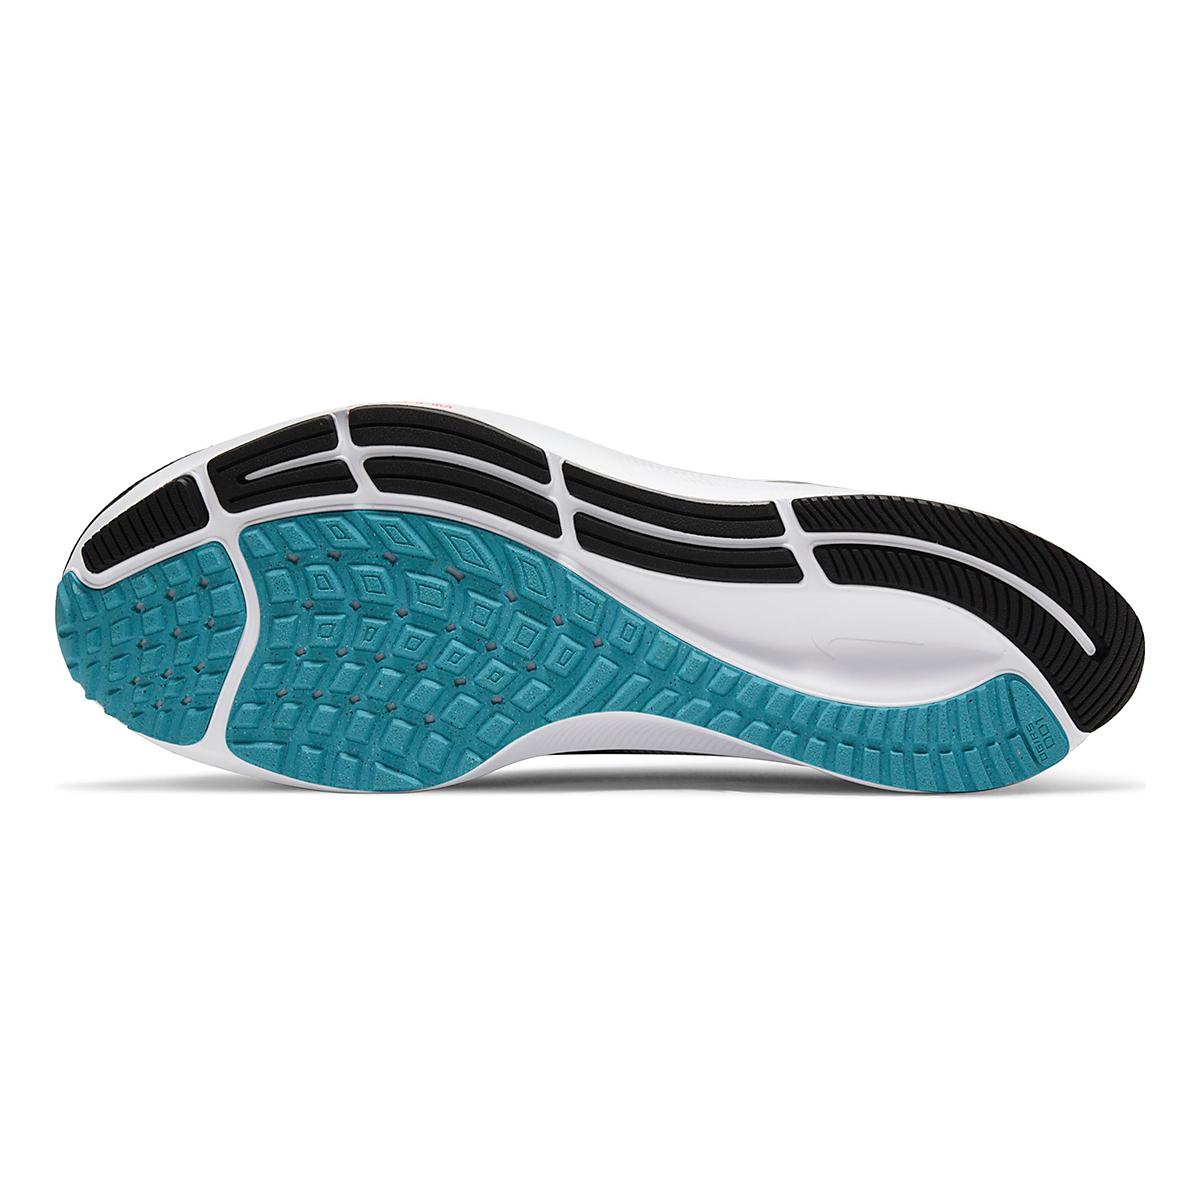 Men's Nike Air Zoom Pegasus 38 Running Shoe - Color: Black/Metallic Silver/White - Size: 6.5 - Width: Regular, Black/Metallic Silver/White, large, image 7